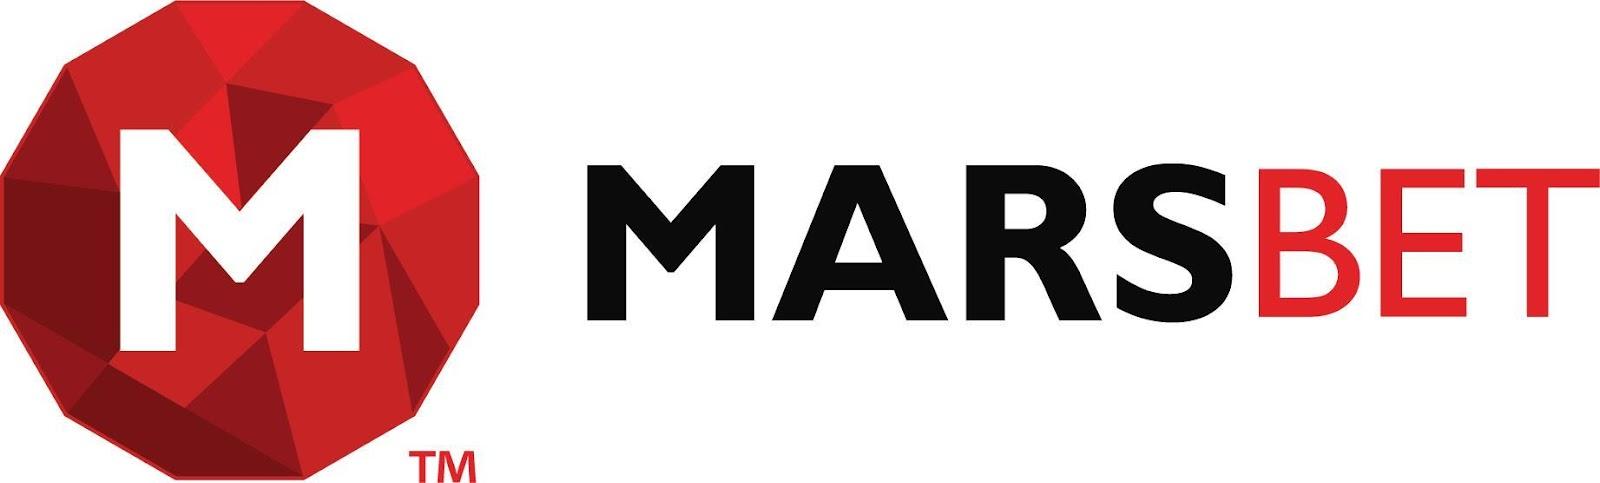 Ставки на спорт «Марсбет». Преимущества букмекерской онлайн-конторы